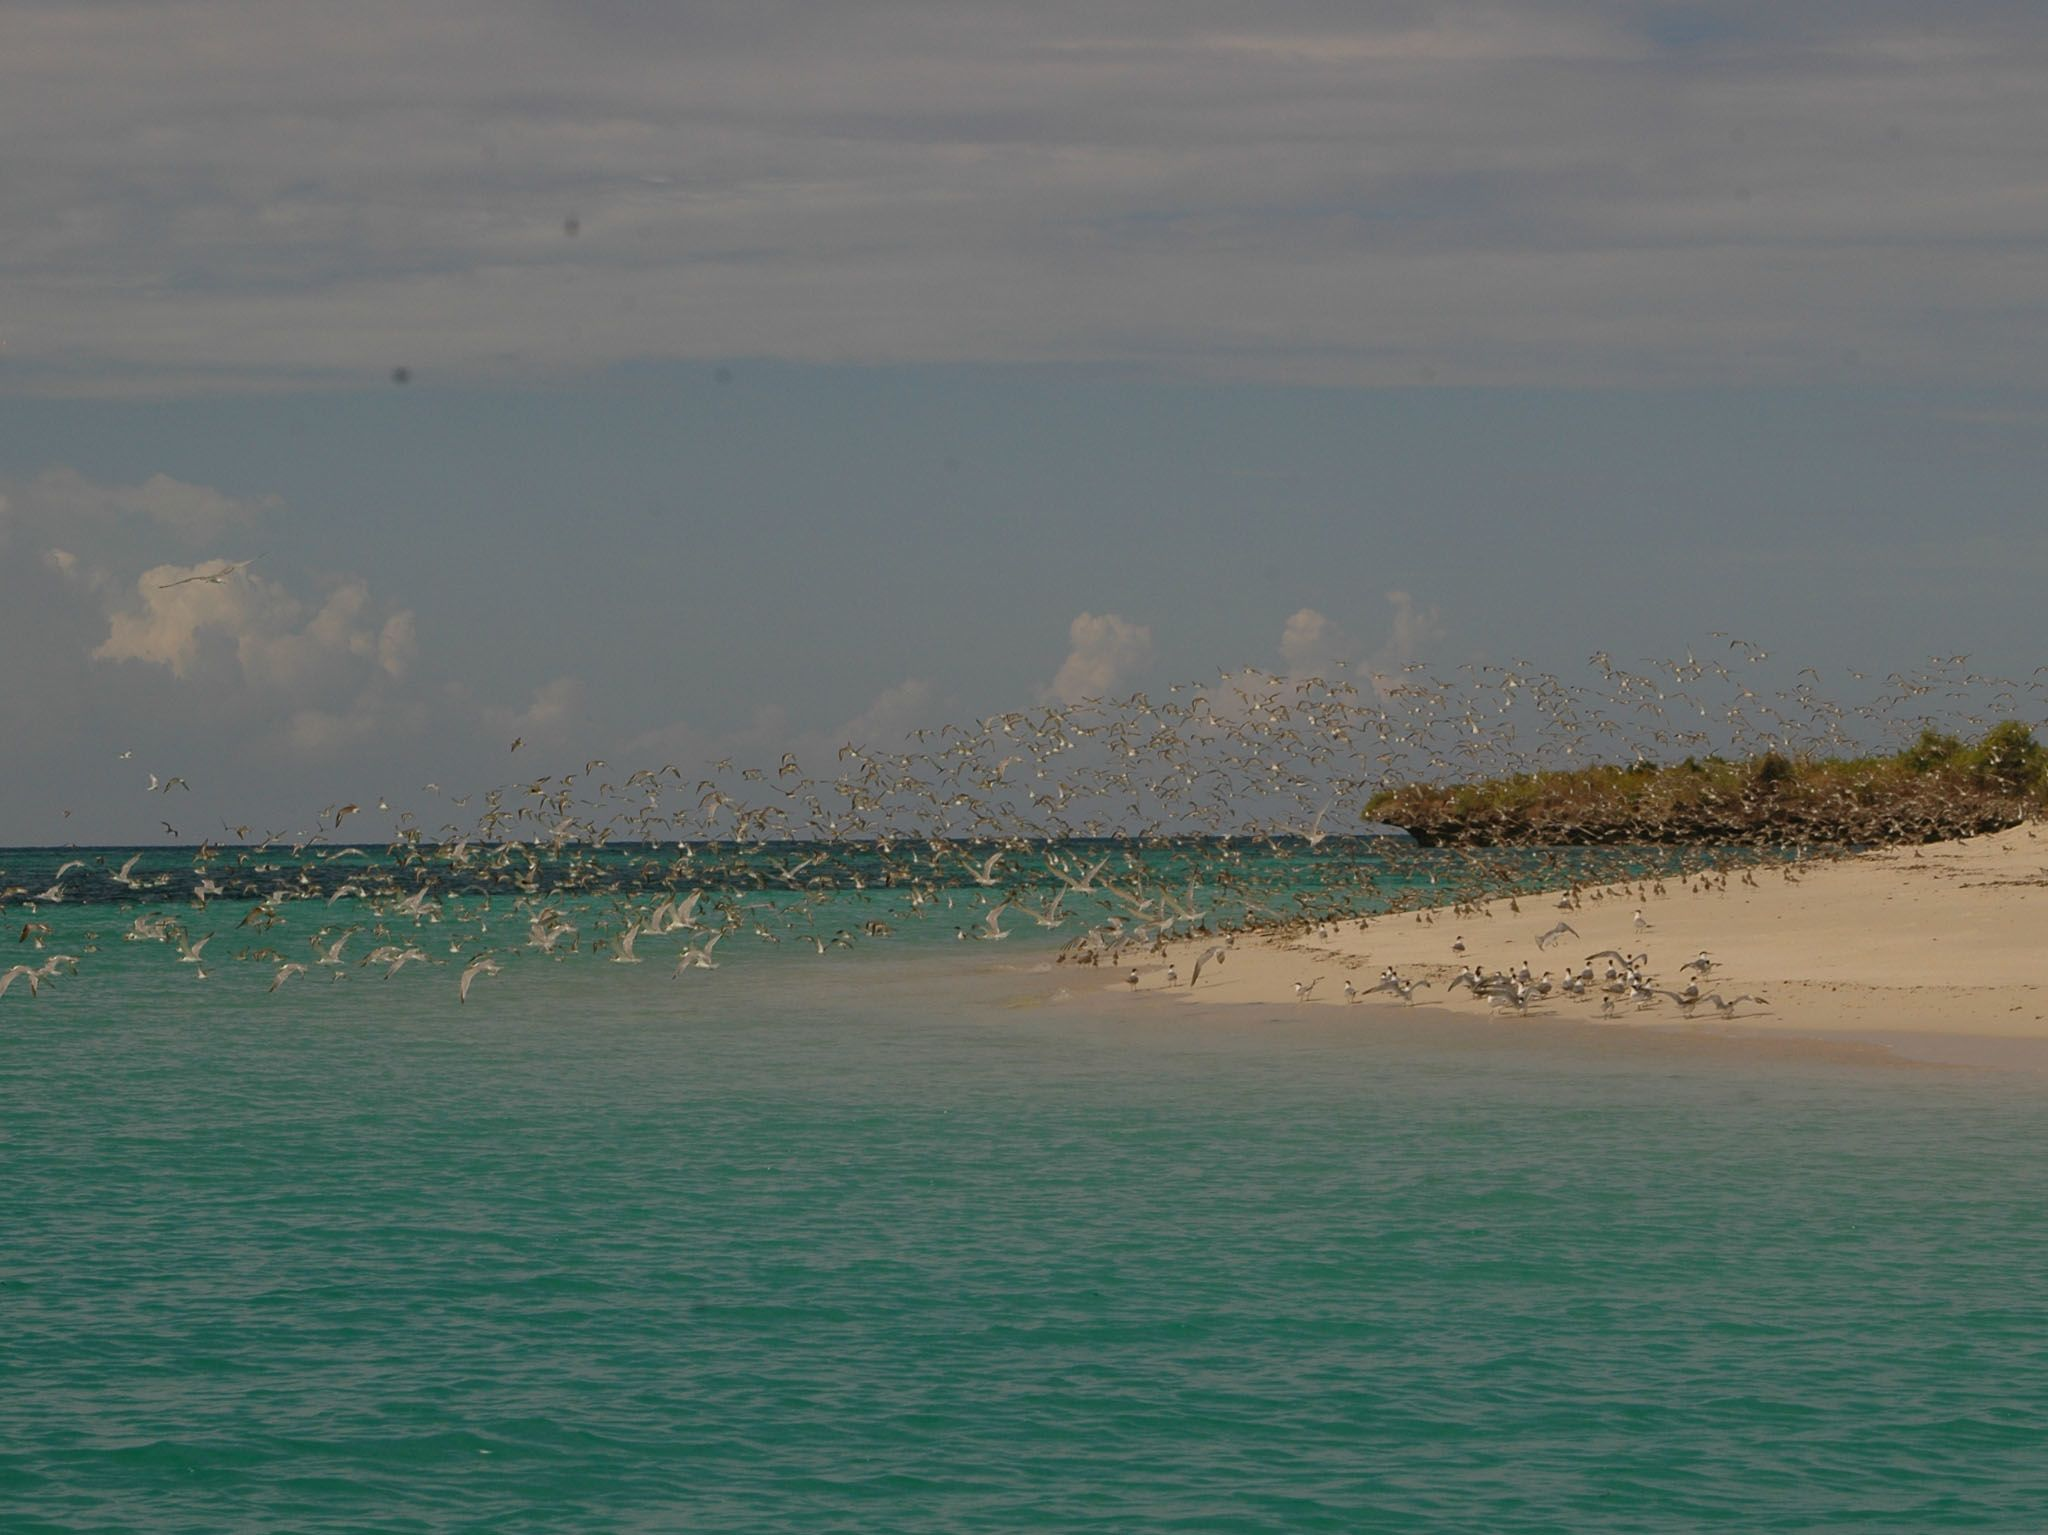 جزيرة فانجوفي، تنزانيا - طيور في الجزيرة. هذه الصورة... [Photo of the day - مايو 2021]